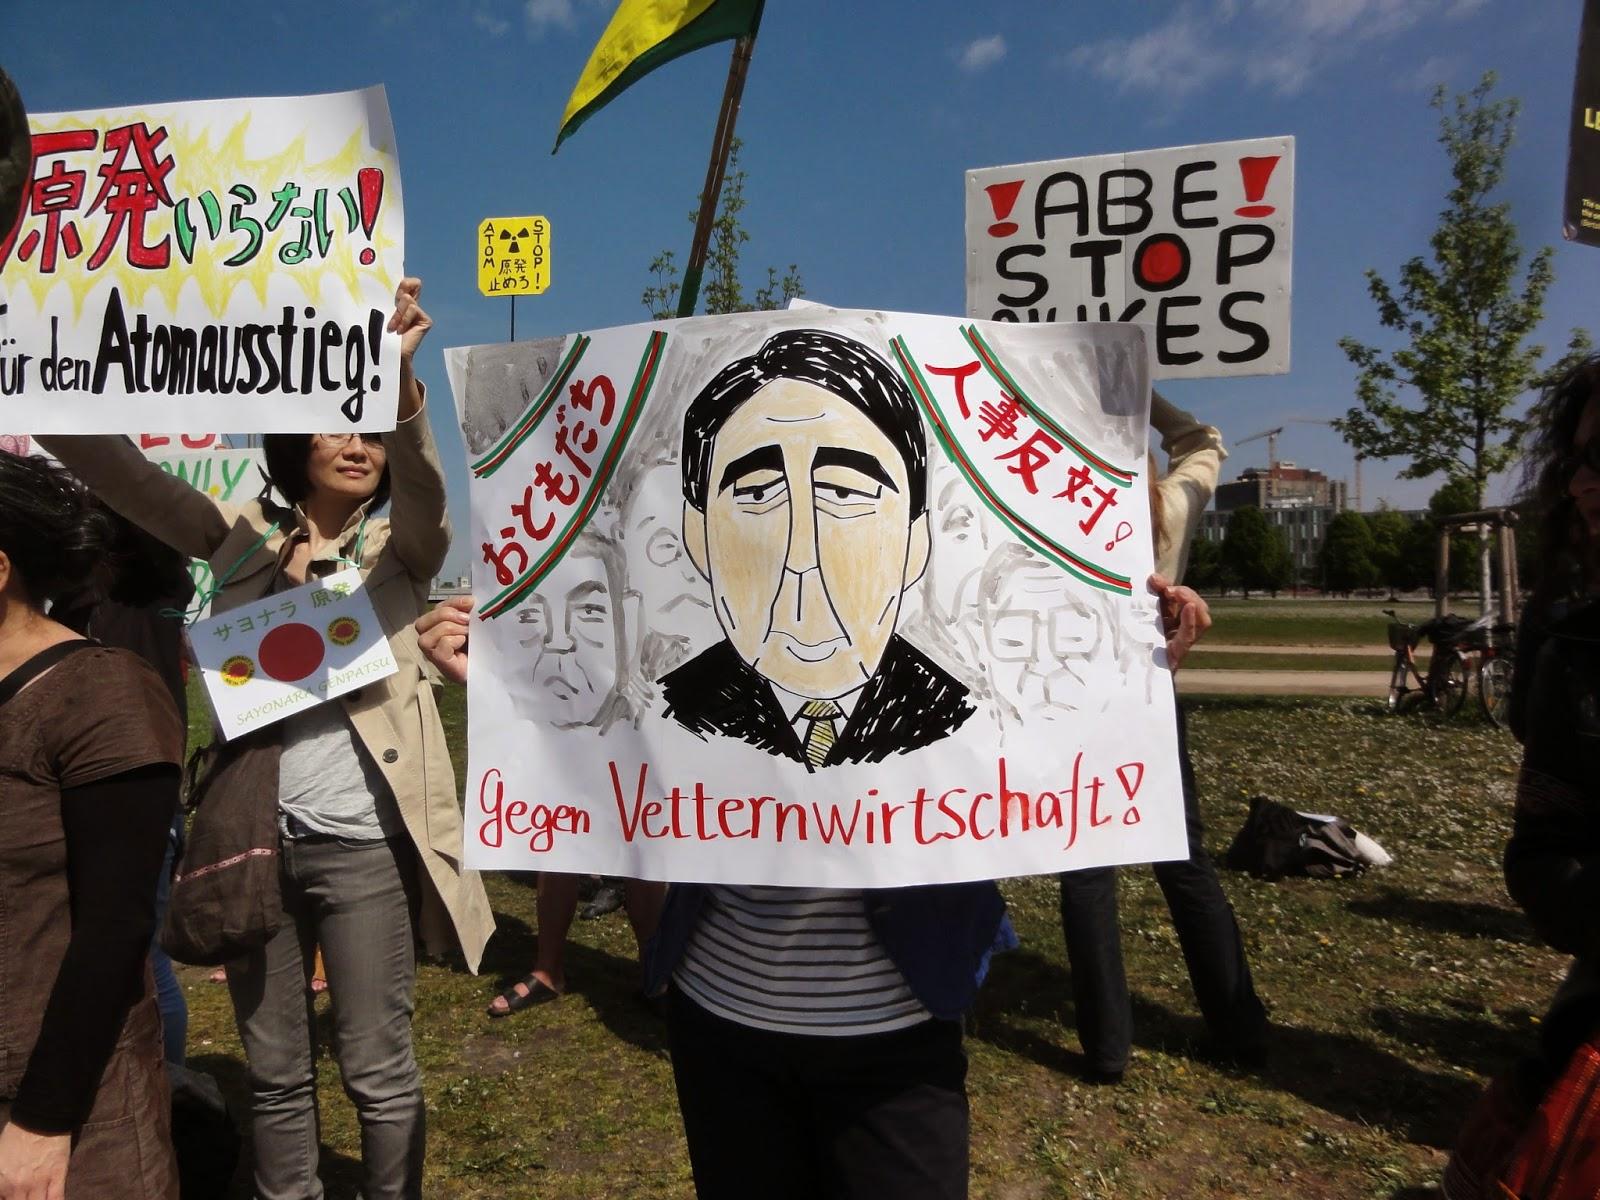 ベルリンで安倍ちょんしばき。日本の首相のドイツ訪問で抗議デモが行われたのは戦後史上初めてのこと。